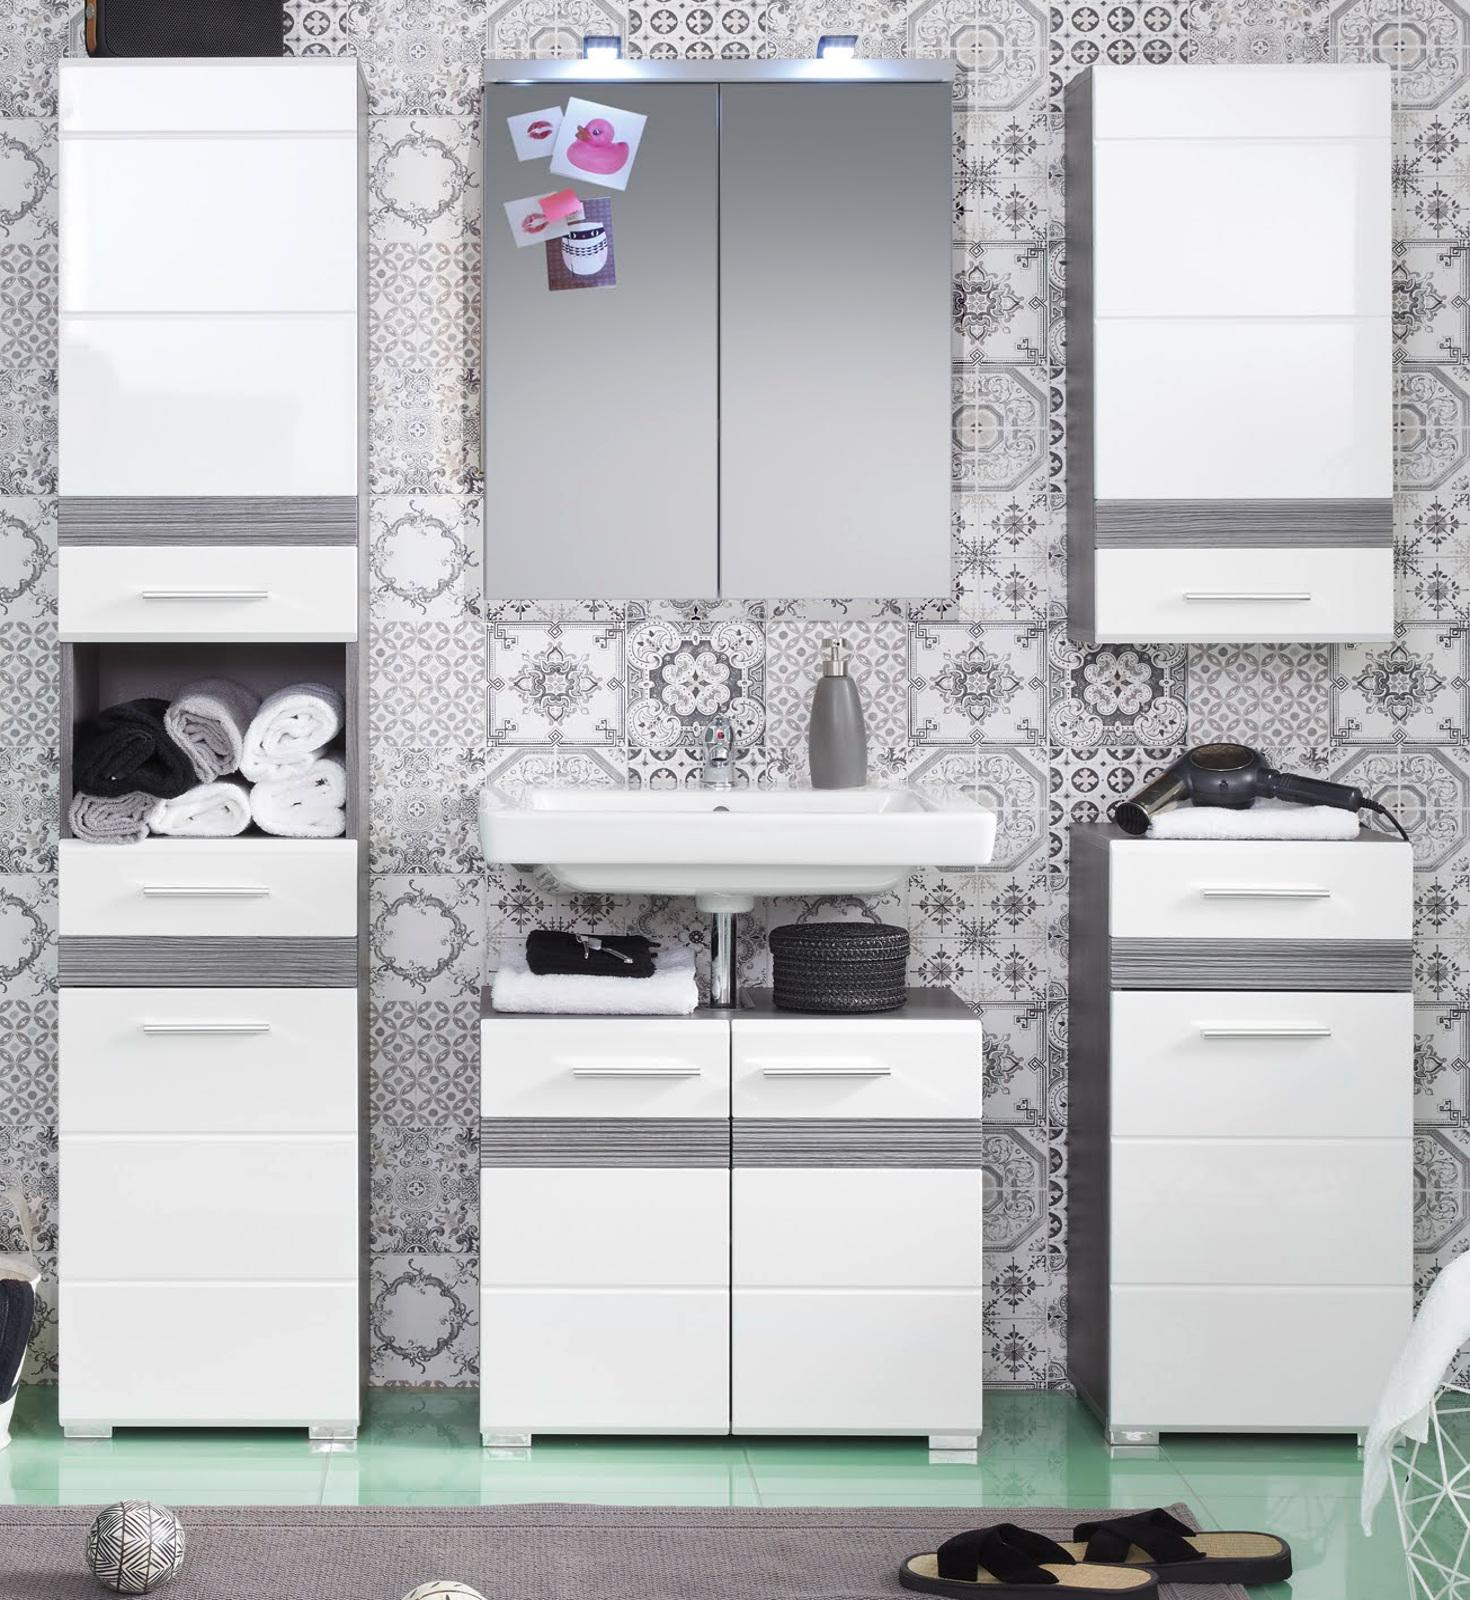 Kleiderschrank Eiche sägerau Dekor Emija3 - Designermöbel ...